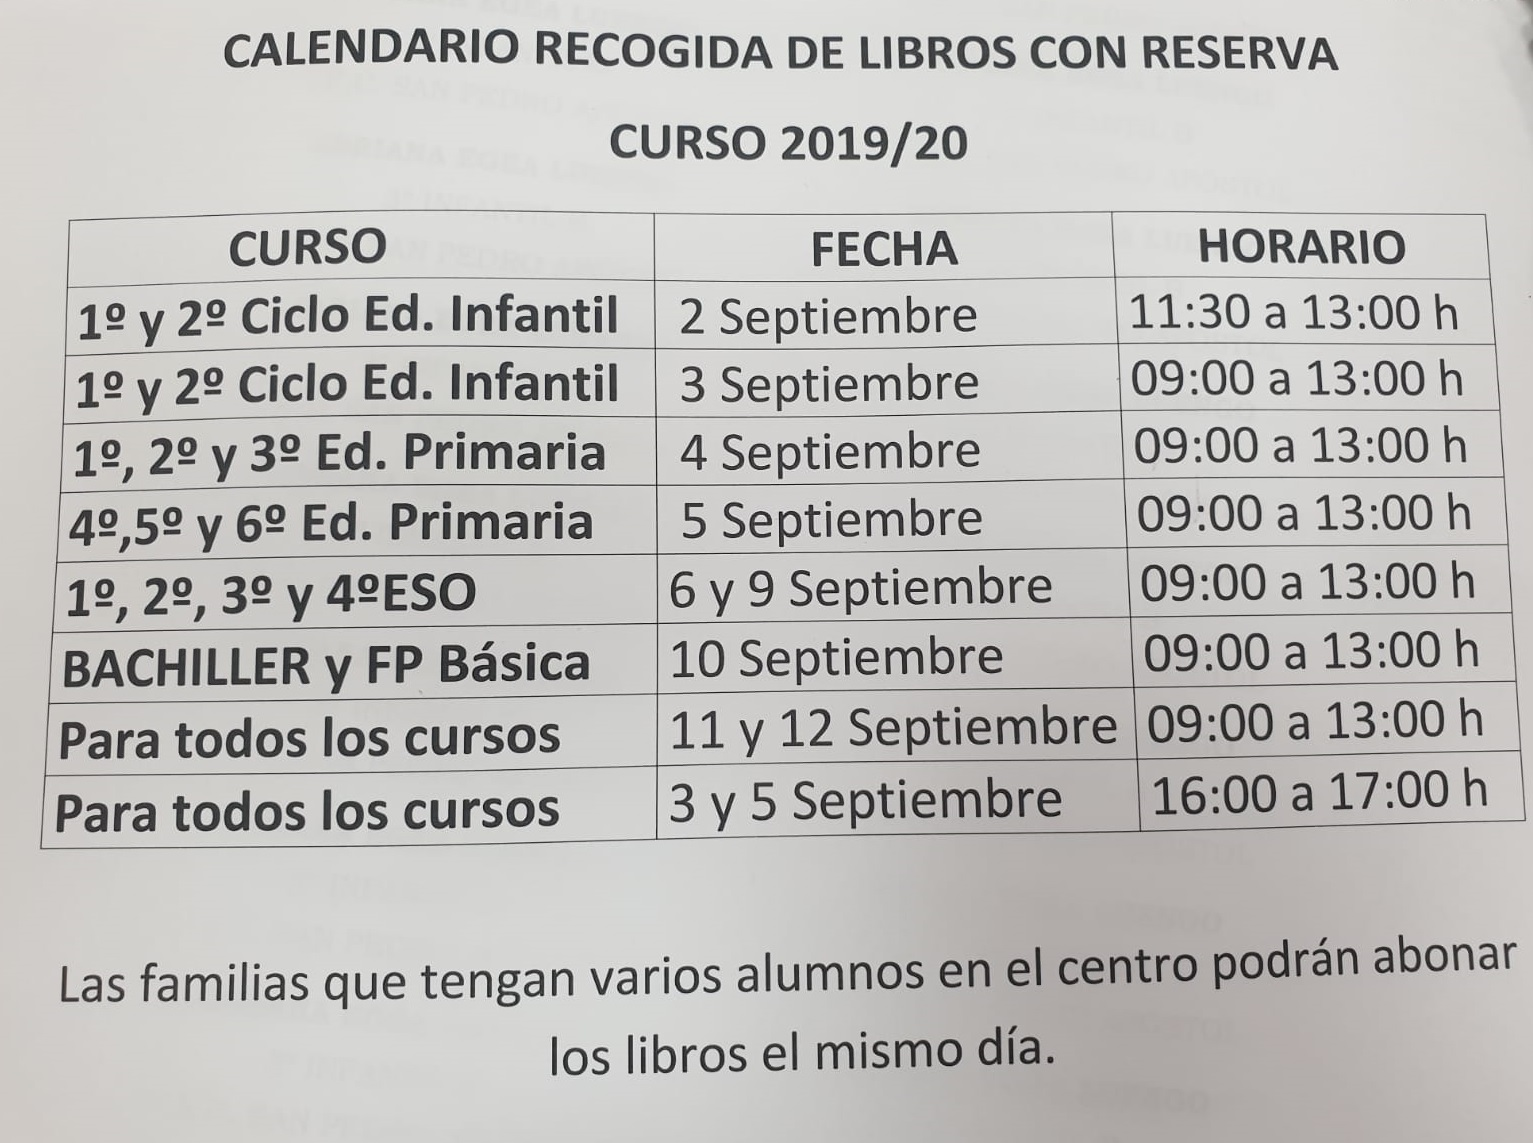 Calendario Recogida Libros con reserva.